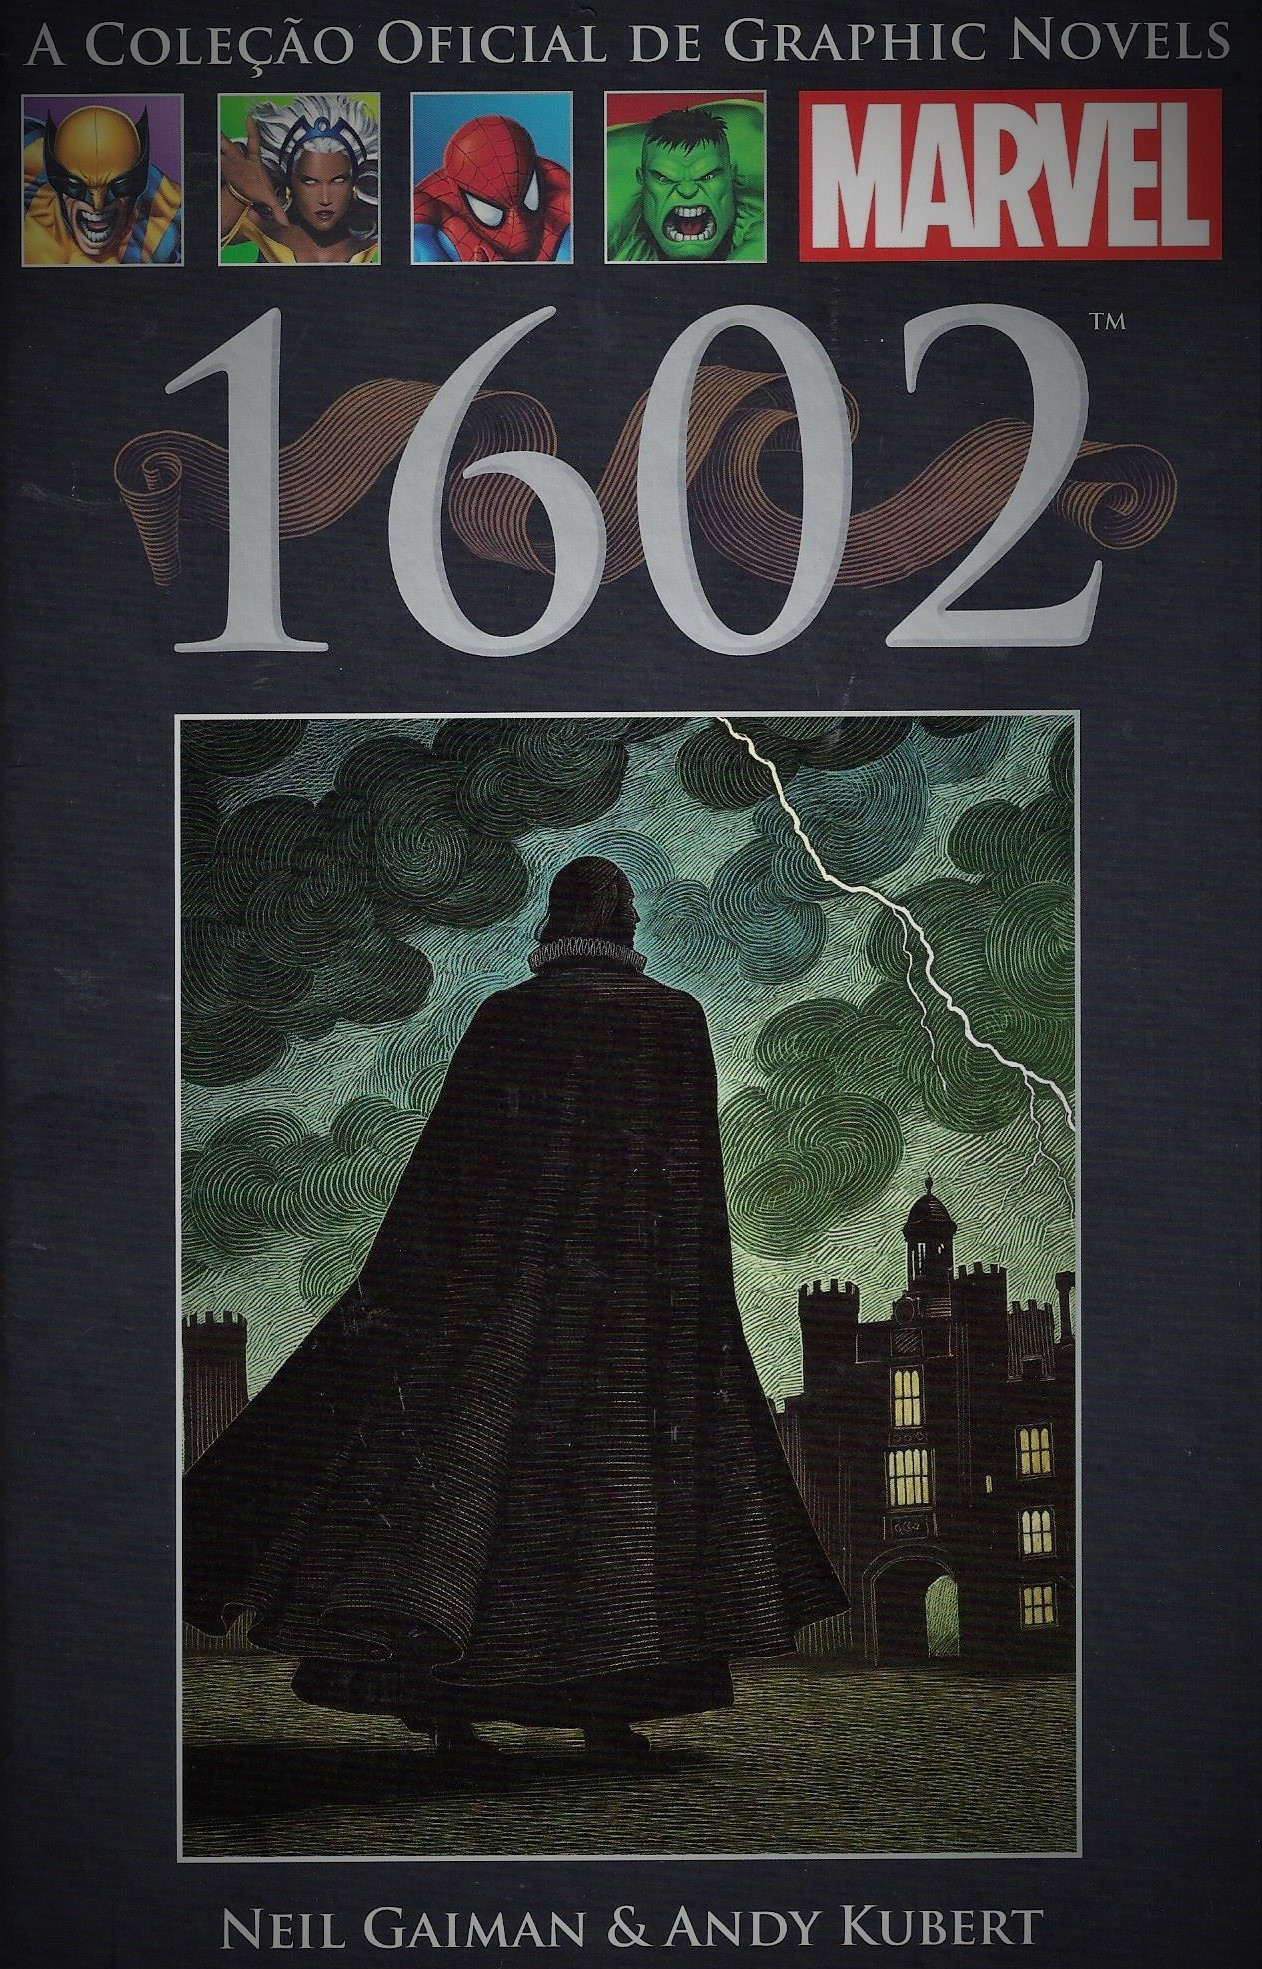 1602 (A Coleção Oficial de Graphic Novels da Marvel, #32) Neil Gaiman